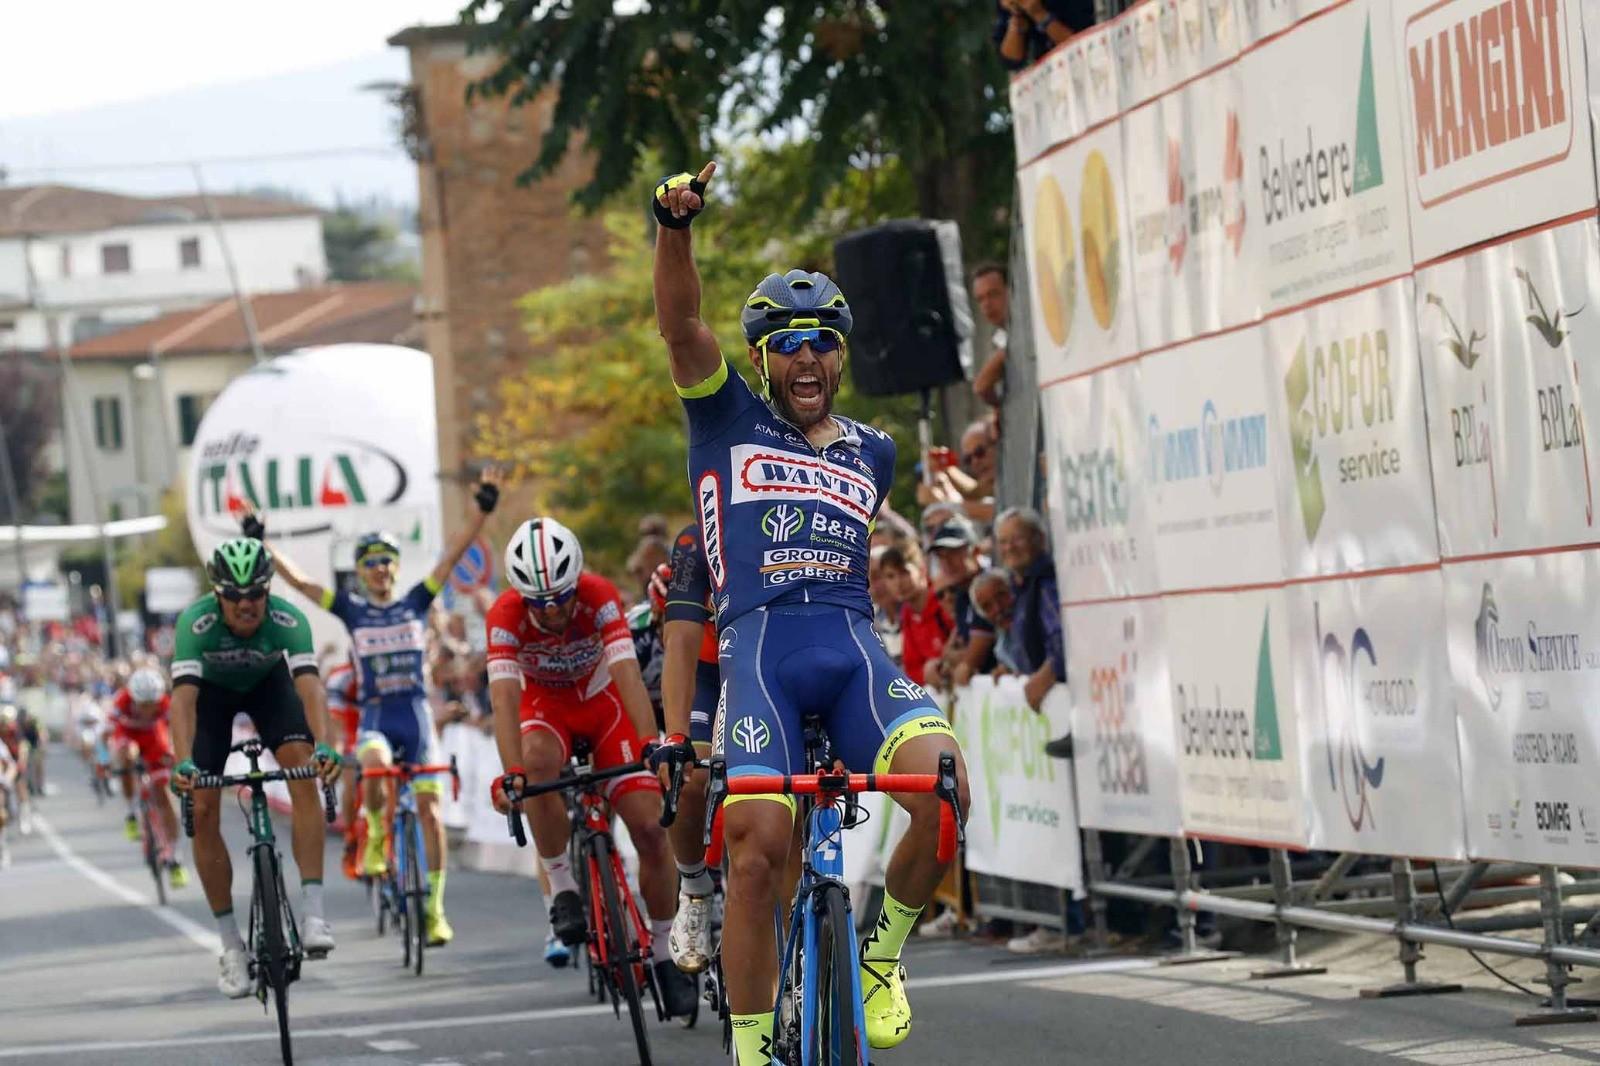 Ciclismo, Bardet, Landa e Moscon lottano per Giro della Toscana e Coppa Sabatini